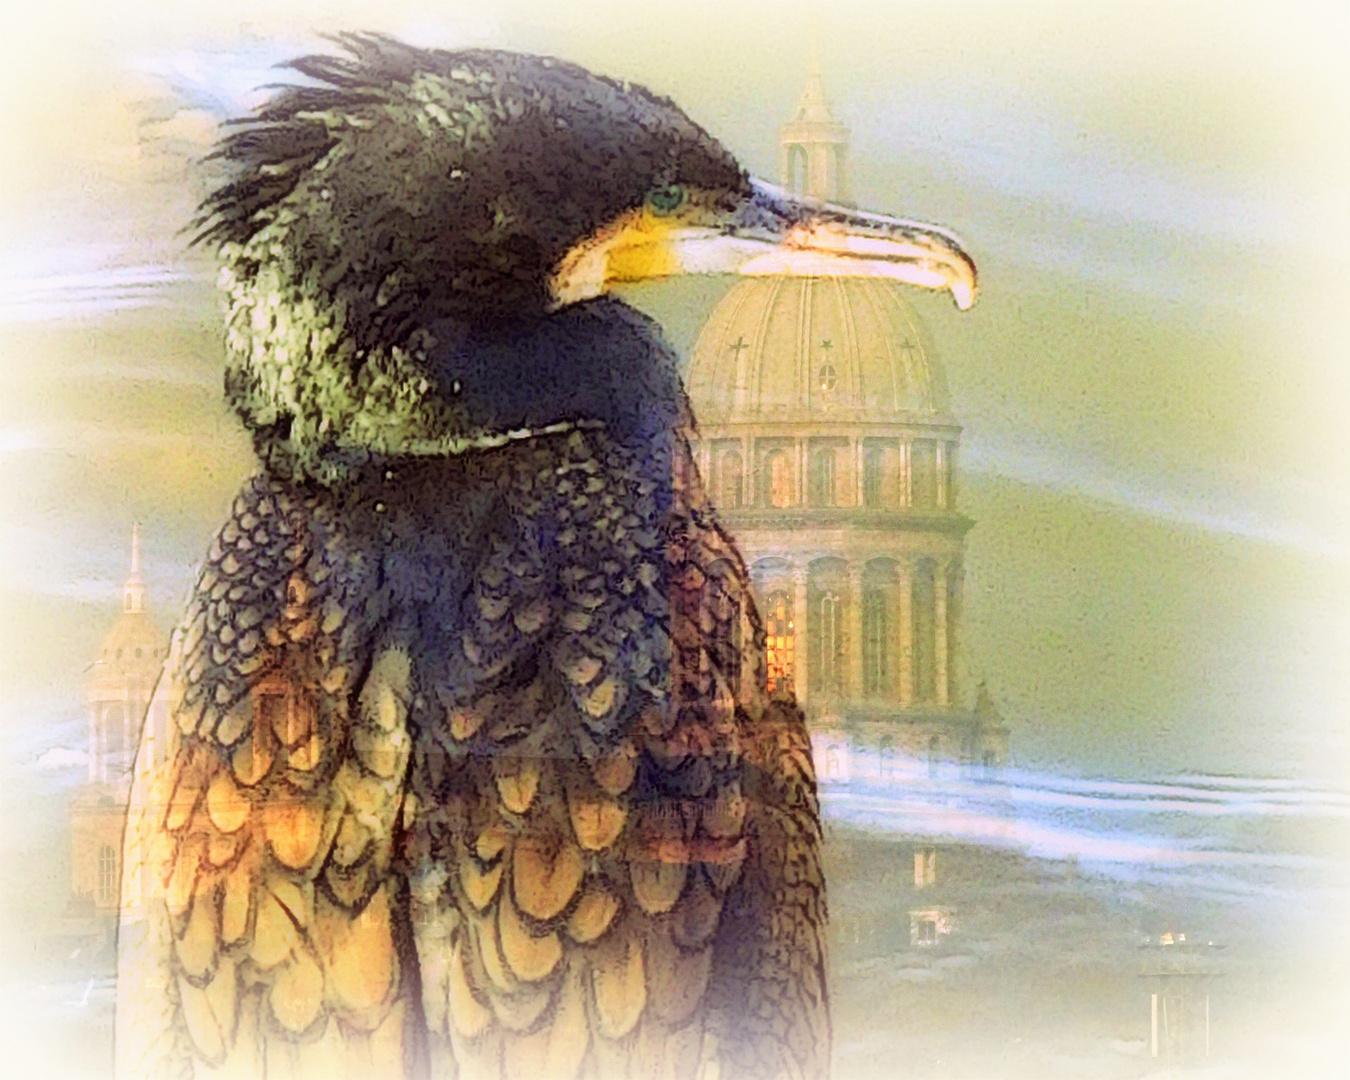 Le cormoran et sa cathédrale